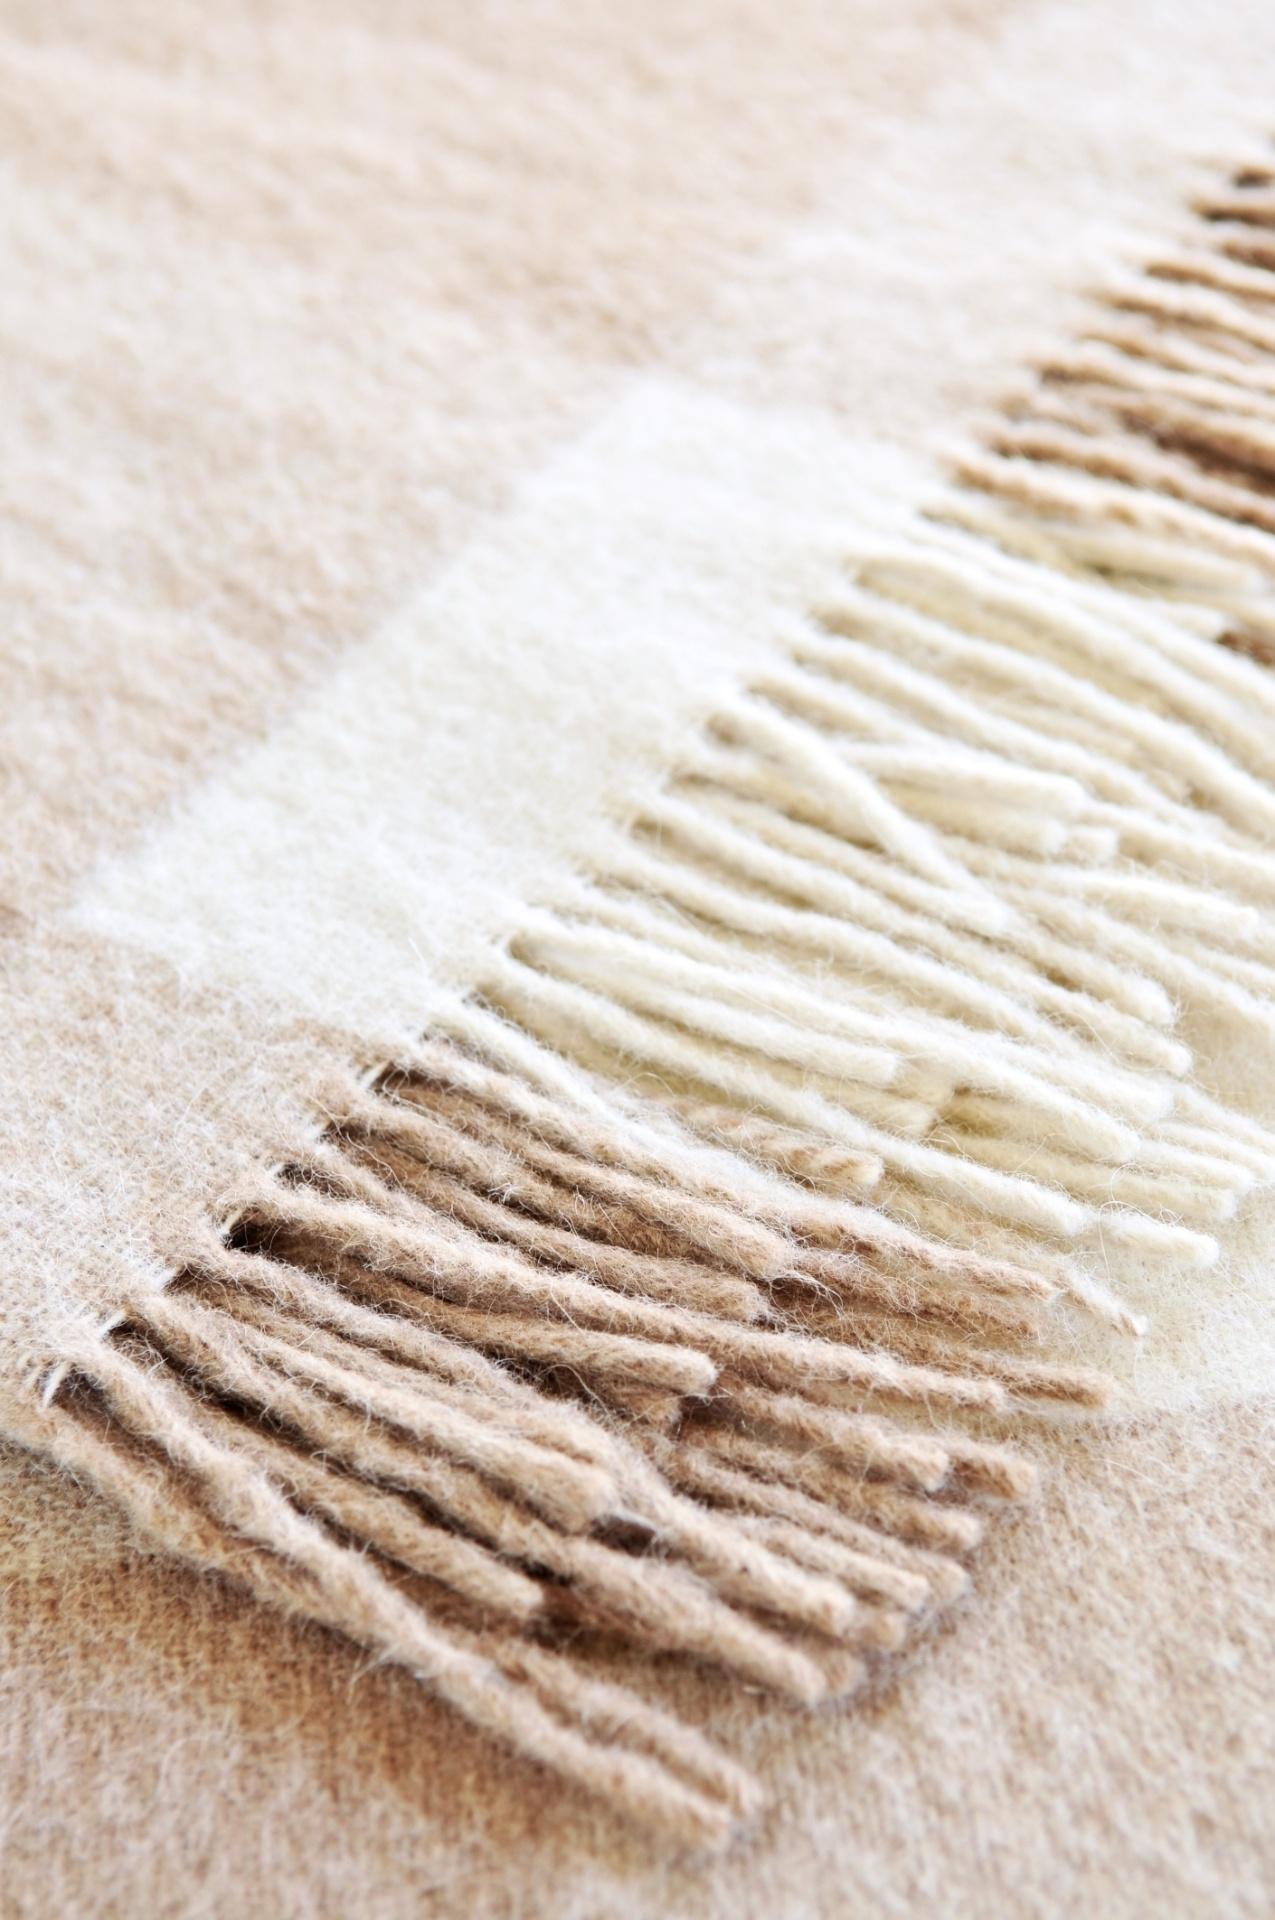 LÃ - Assim como os edredons, os cobertores e mantas atuam como um isolante térmico que retêm o calor do corpo. O tipo de fibra, o modo como o tecido da peça se forma e a densidade do material (peso por unidade de área) interferem diretamente na capacidade de isolamento